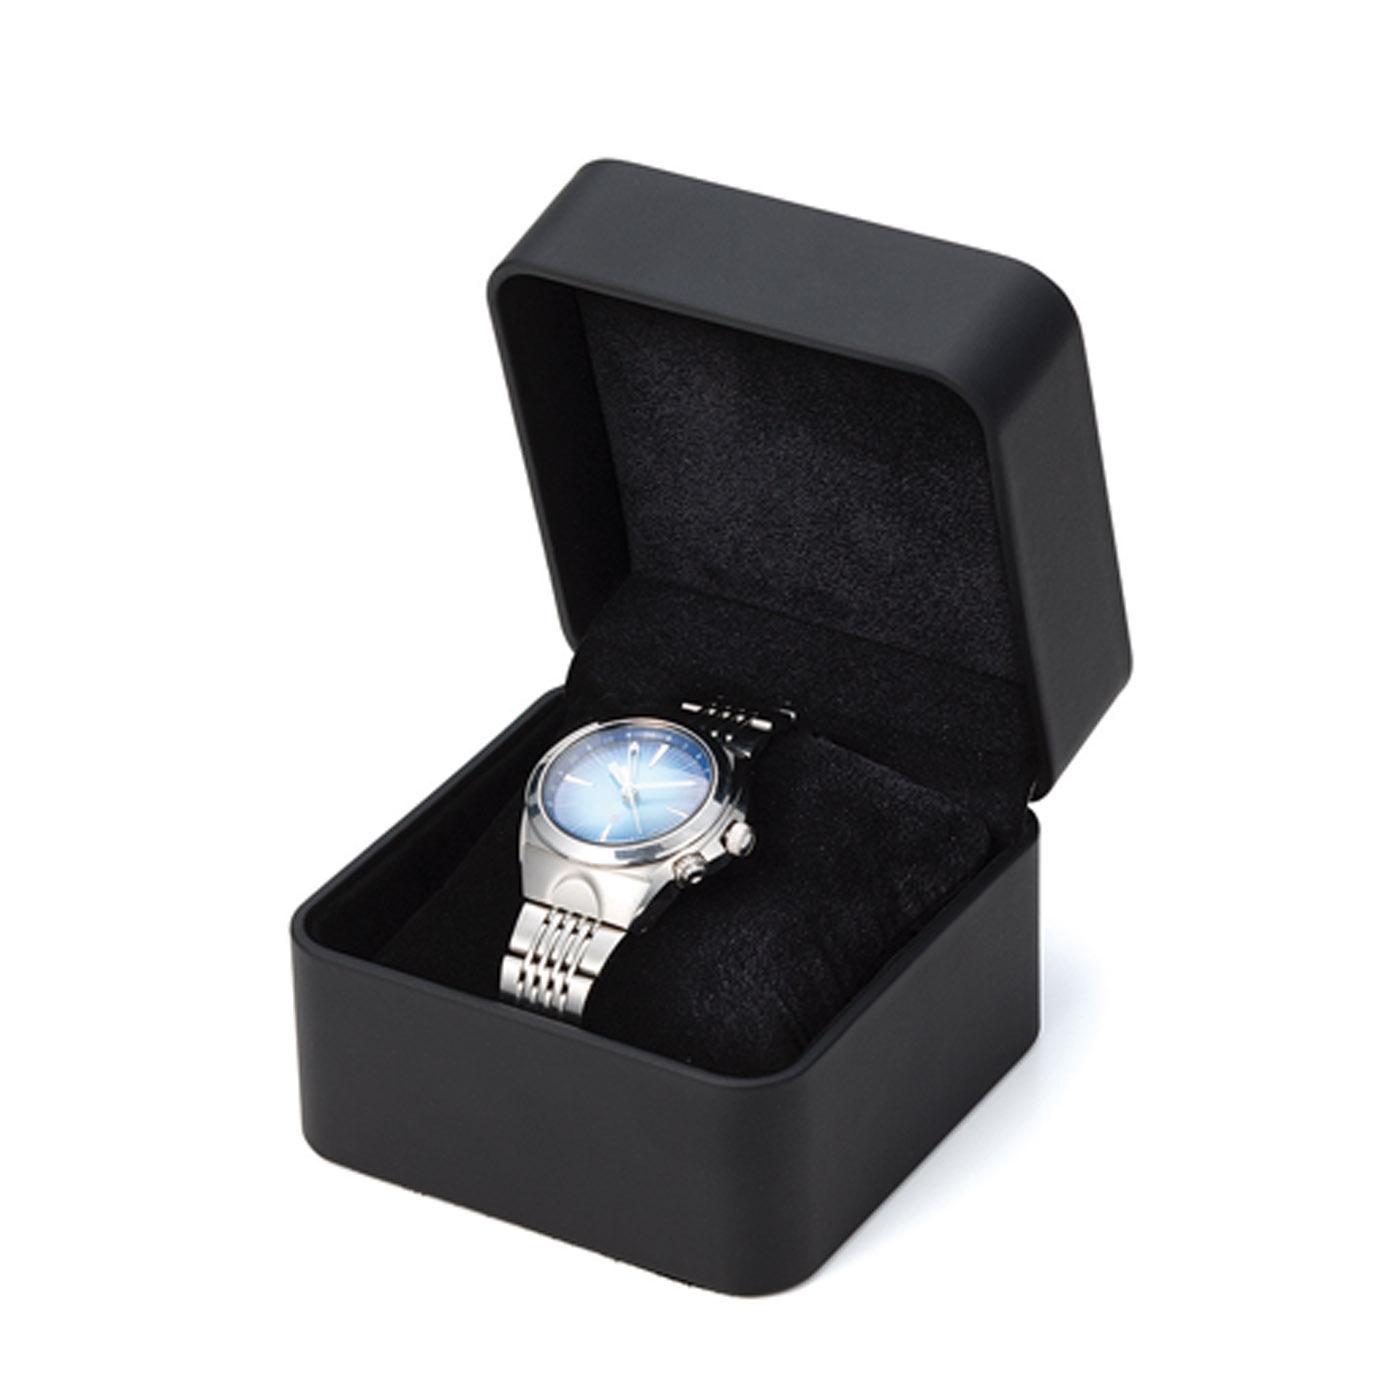 CB-123W・BR 時計・ブレスレット用(6個入) 1個あたり¥706